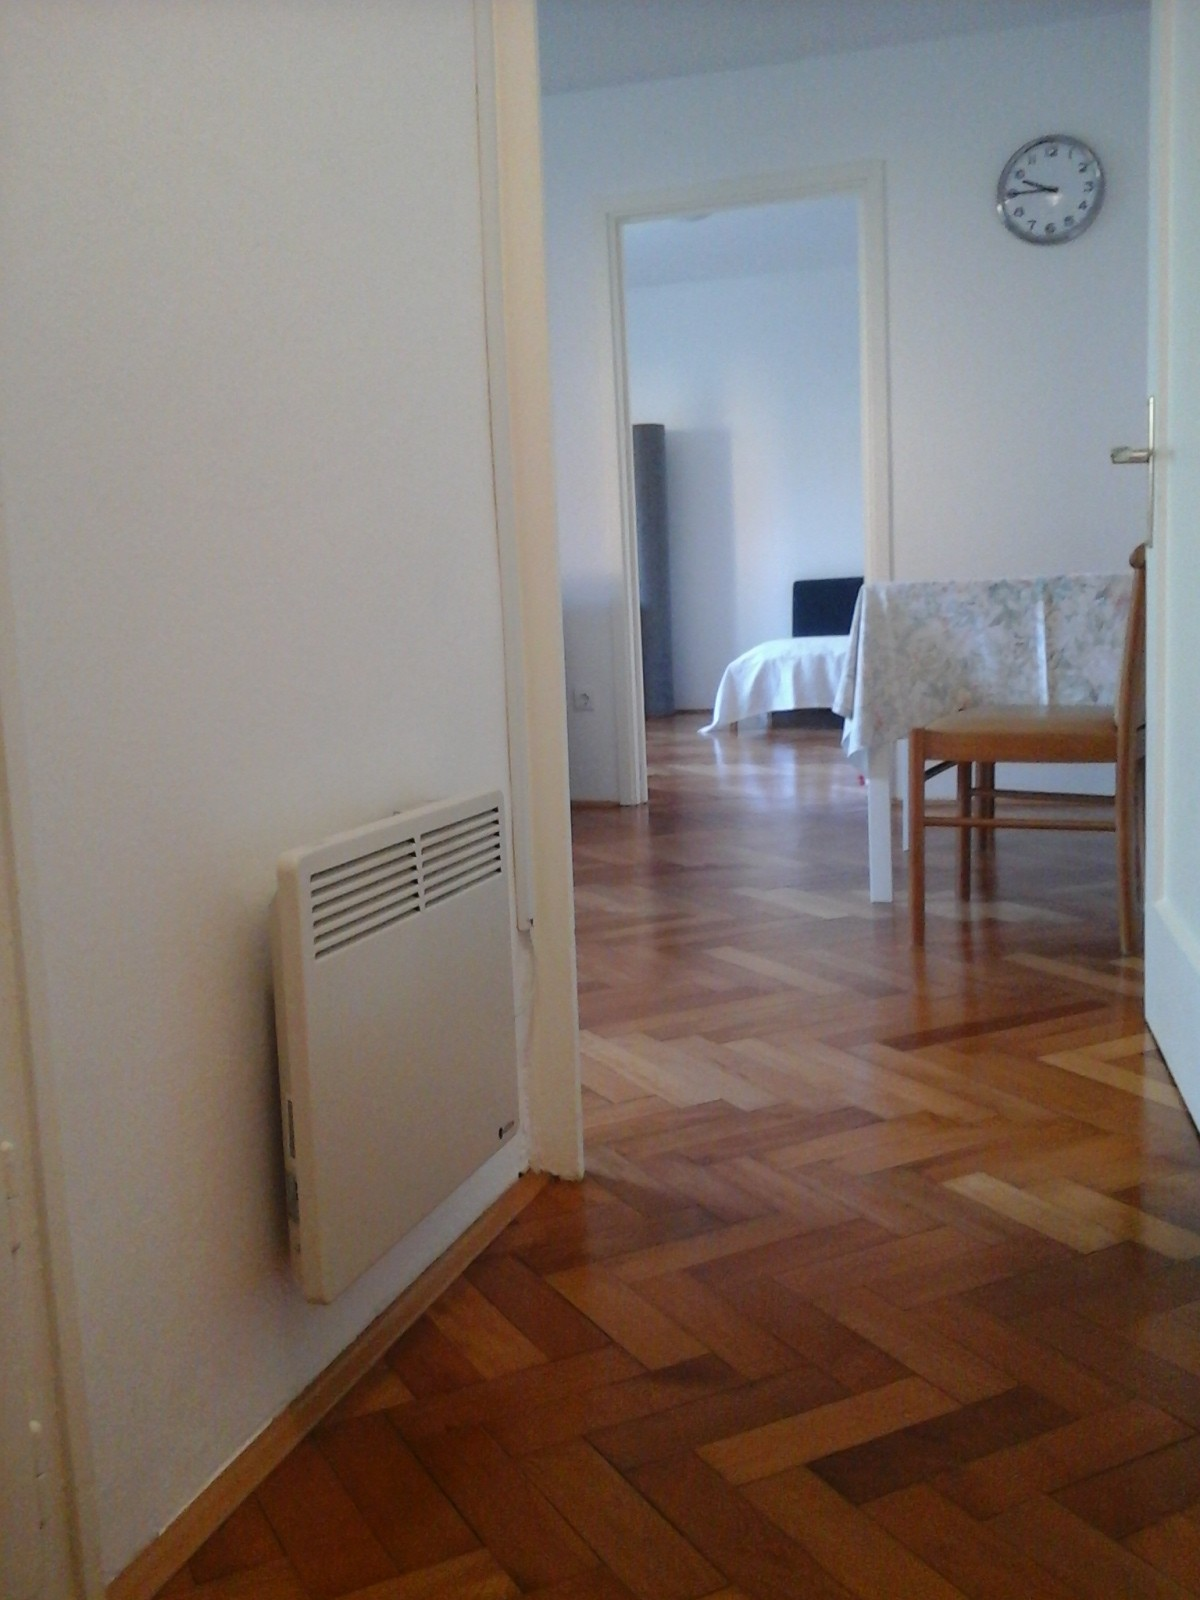 clean-fresh-apartment-center-maribor-9a5